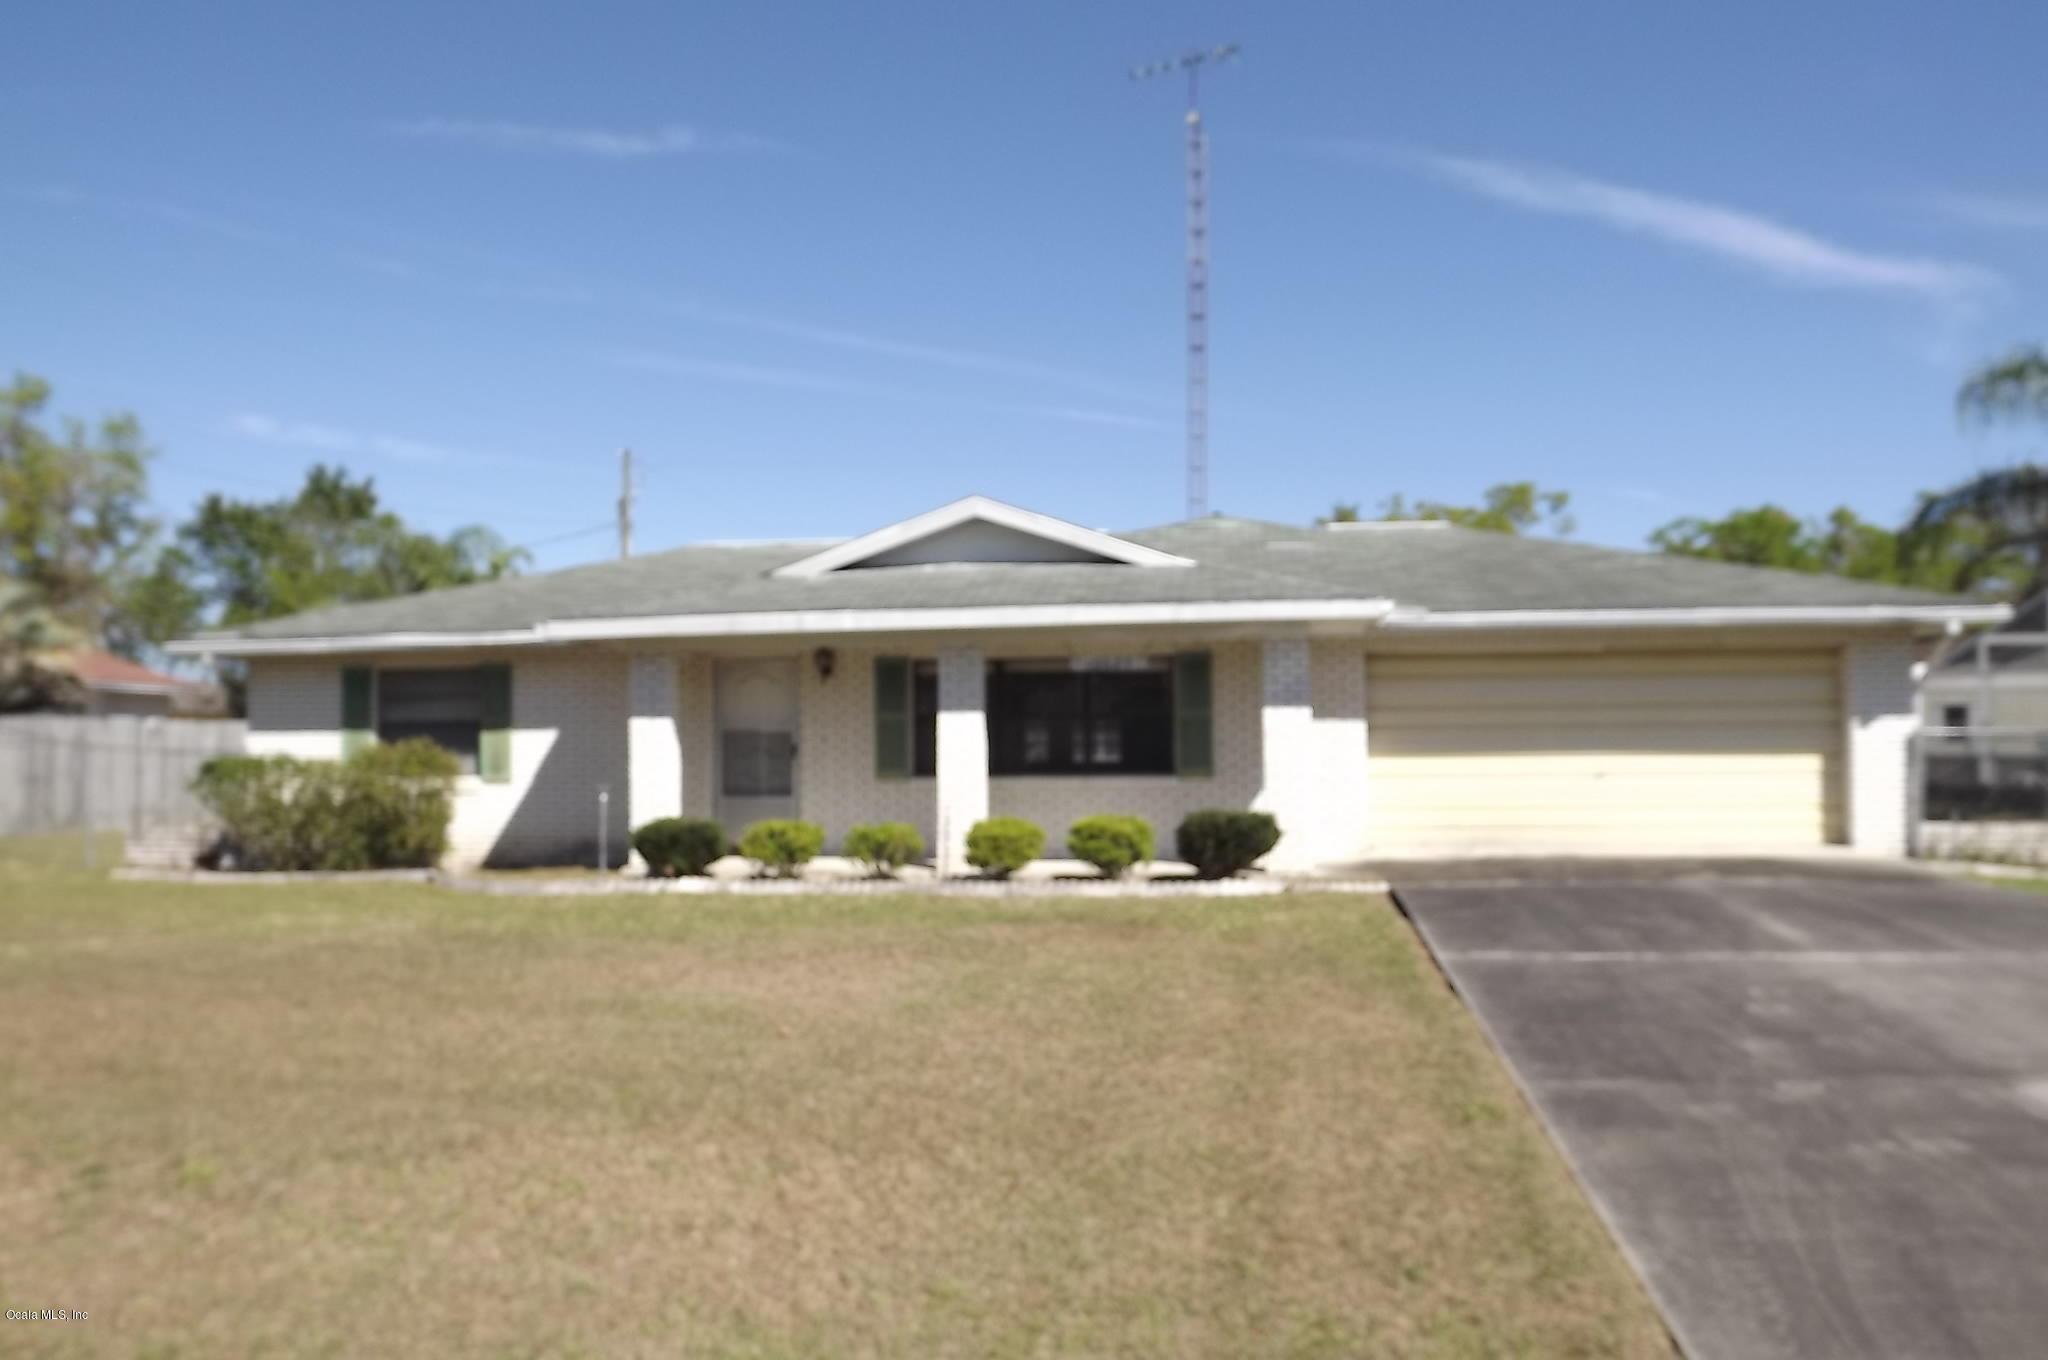 10629 SE 51ST COURT, BELLEVIEW, FL 34420